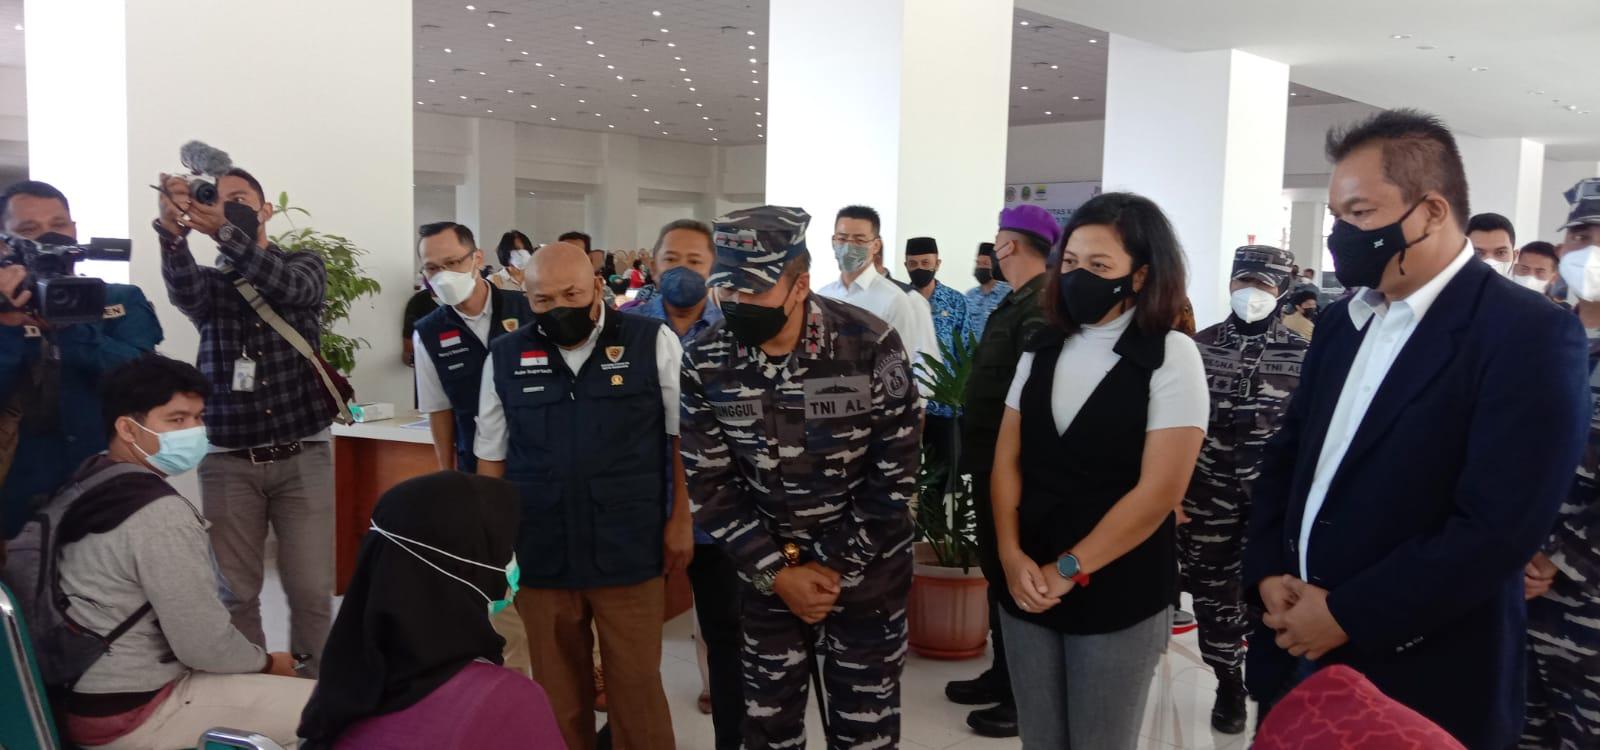 Dok. Laksamana Muda TNI, Tunggul Suropati (TNI AL) saat meninjau pelaksanaan gebyar vaksinasi di UNPAR. Jum'at (17/9).